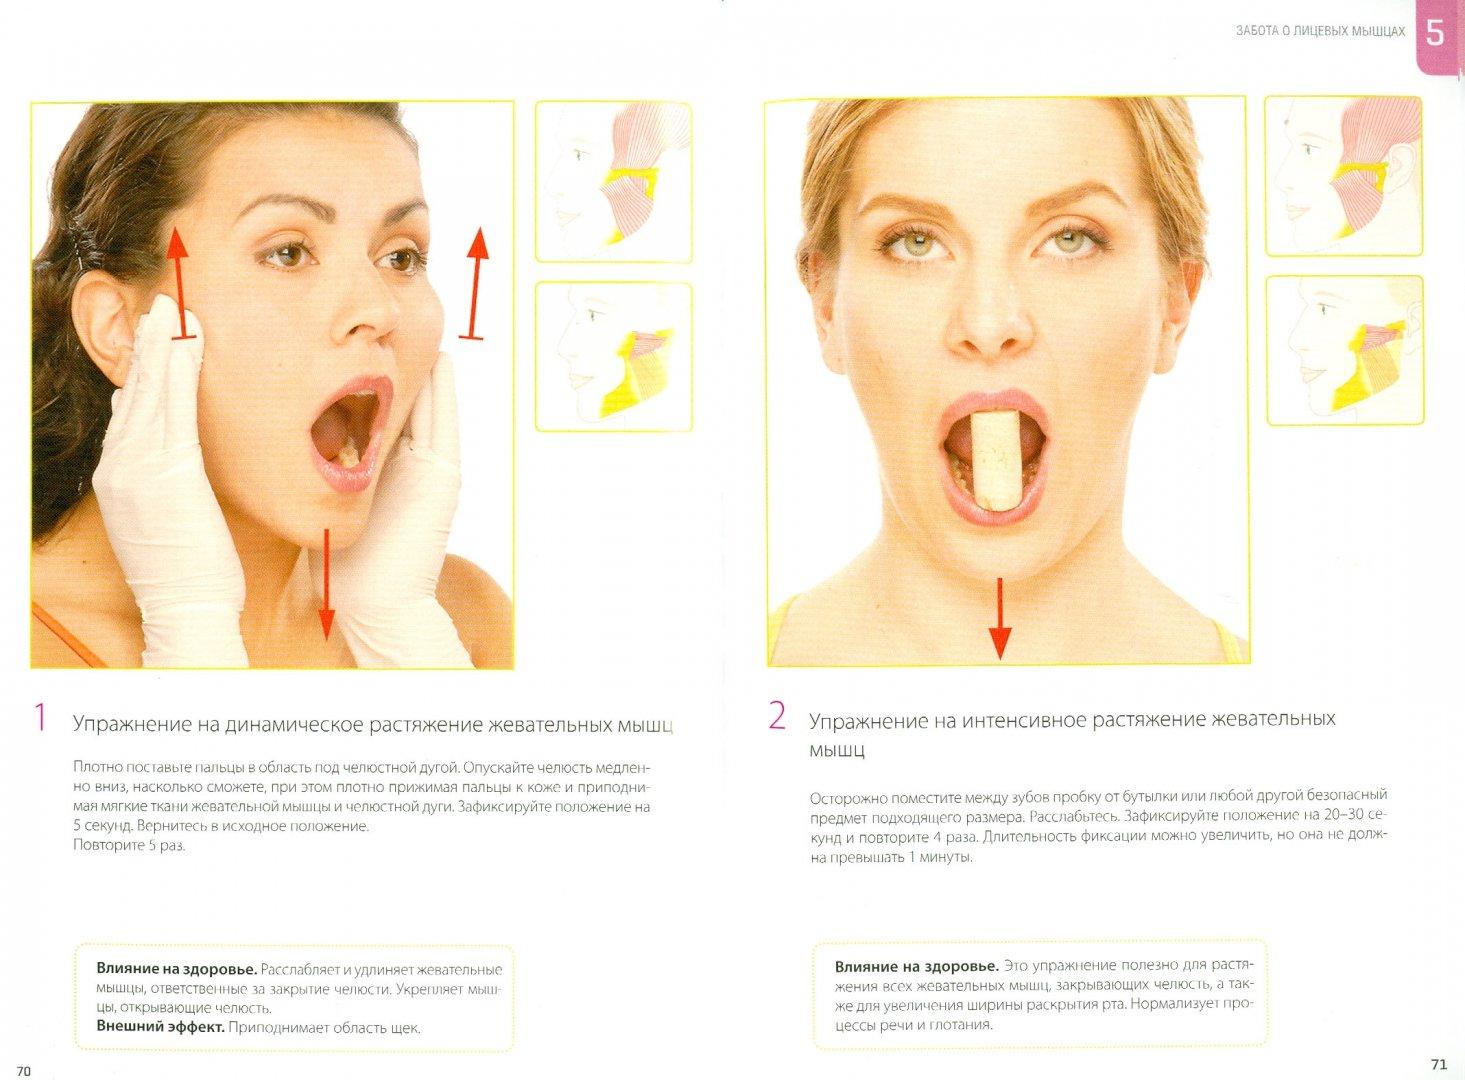 Иллюстрация 1 из 8 для Фейслифтинг. Молодость и красота. Эффективные упражнения и массаж - Леена Кивилуома | Лабиринт - книги. Источник: Лабиринт